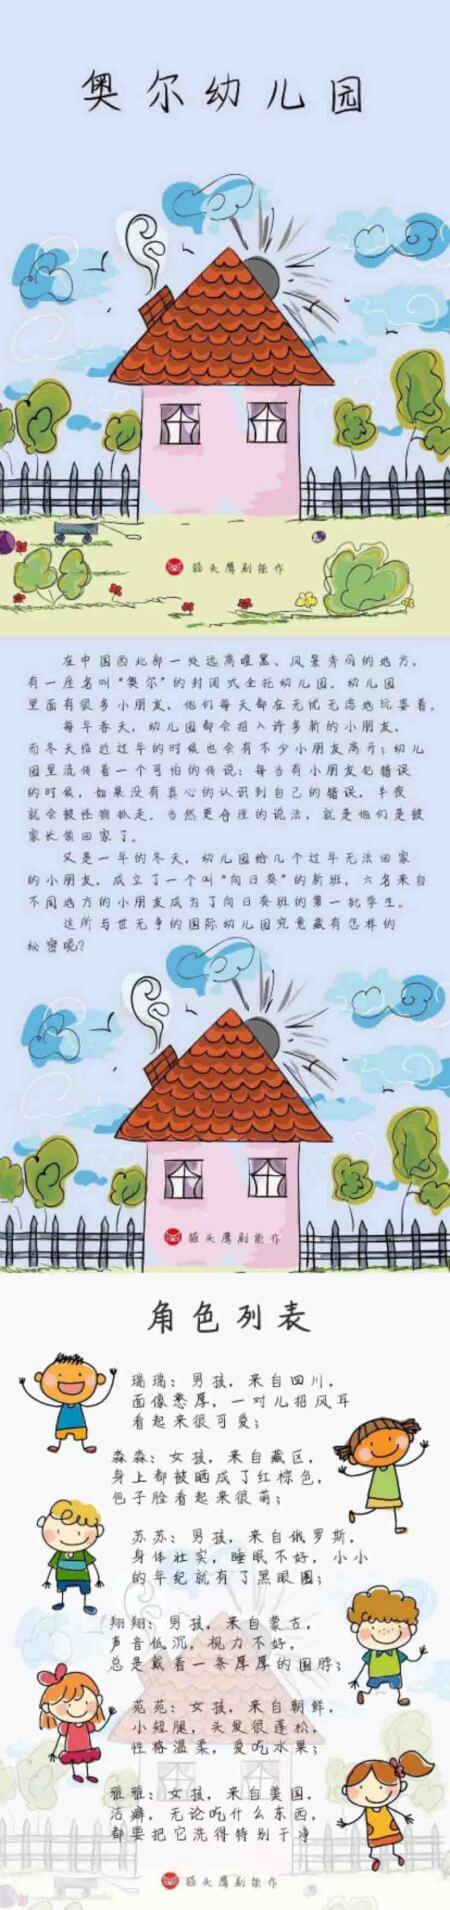 奥尔幼儿园海报图